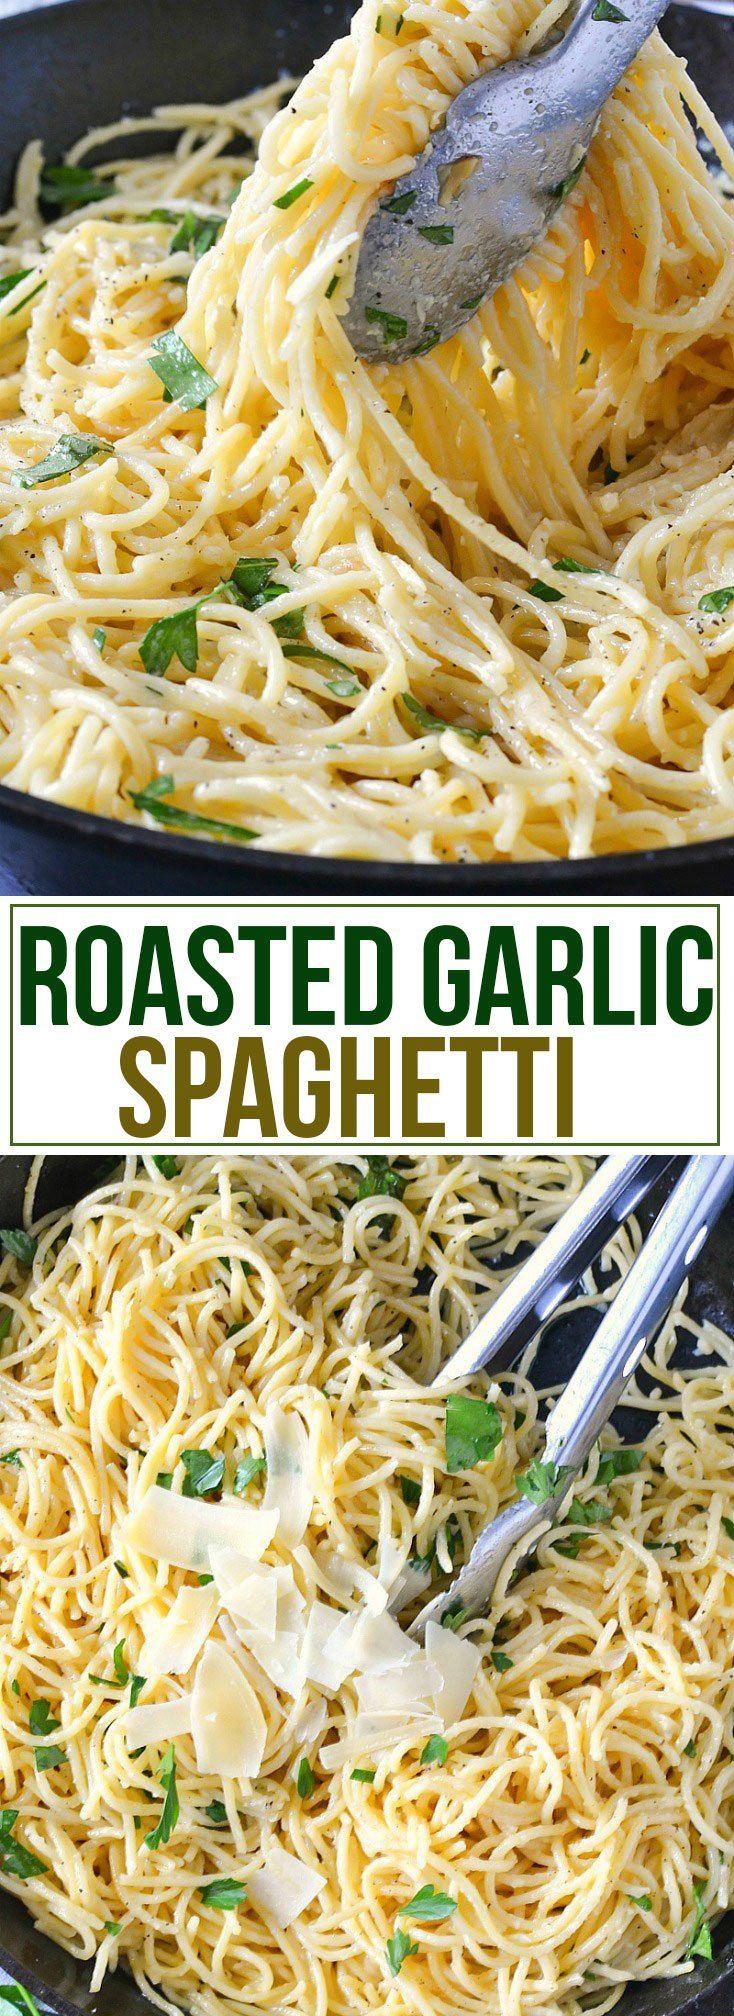 Best 25 Spaghetti Ideas On Pinterest Spinach Pasta